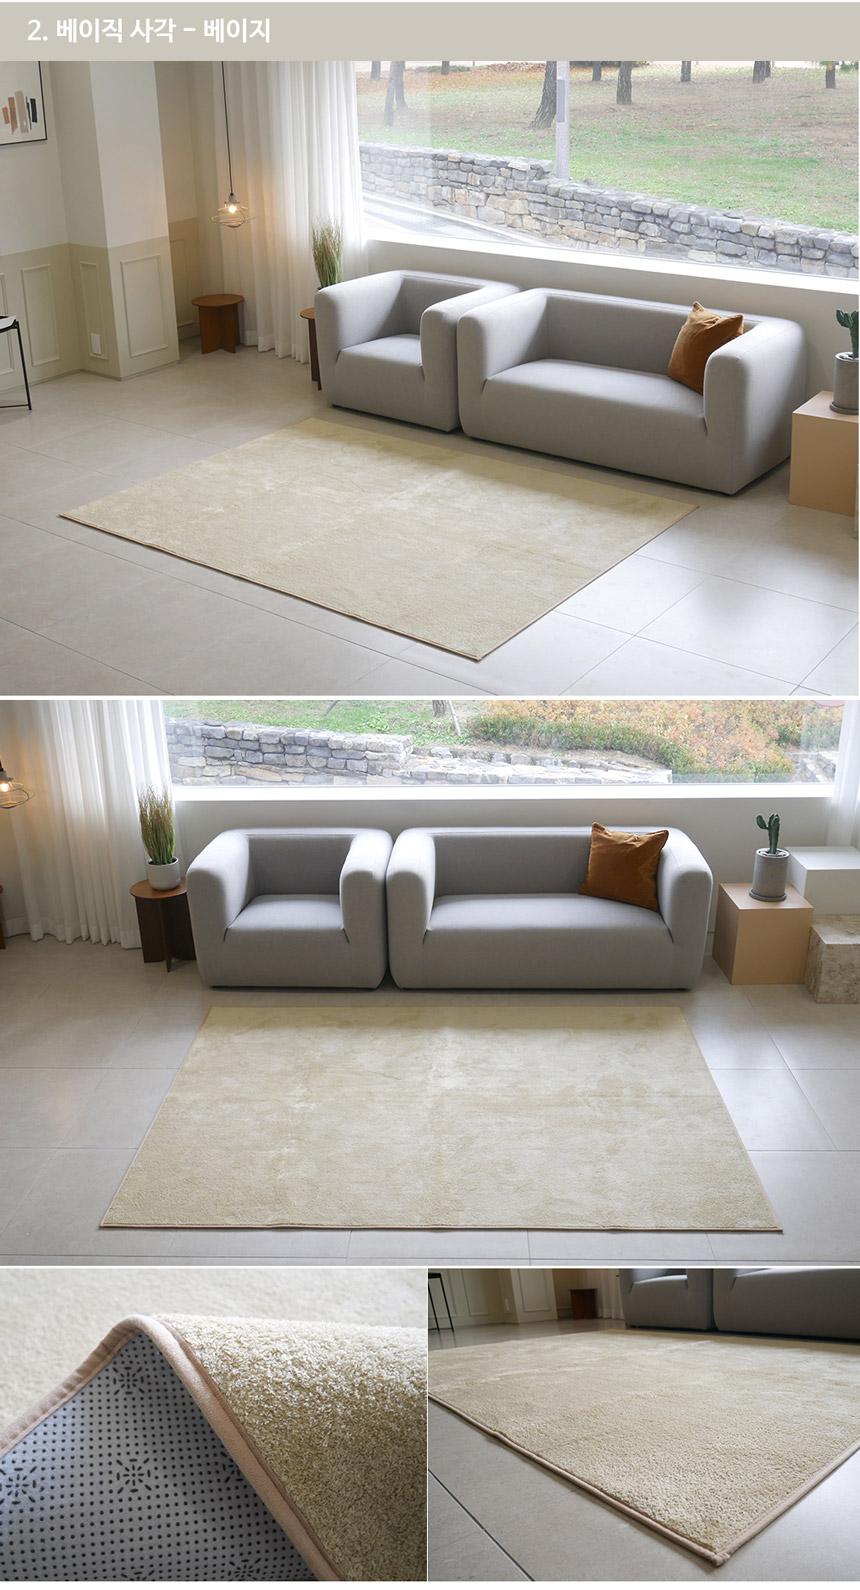 단모 침대러그 원룸카페트 집뜰이선물러그 100X150cm - 리빙몽드 러그, 21,000원, 디자인러그, 심플러그